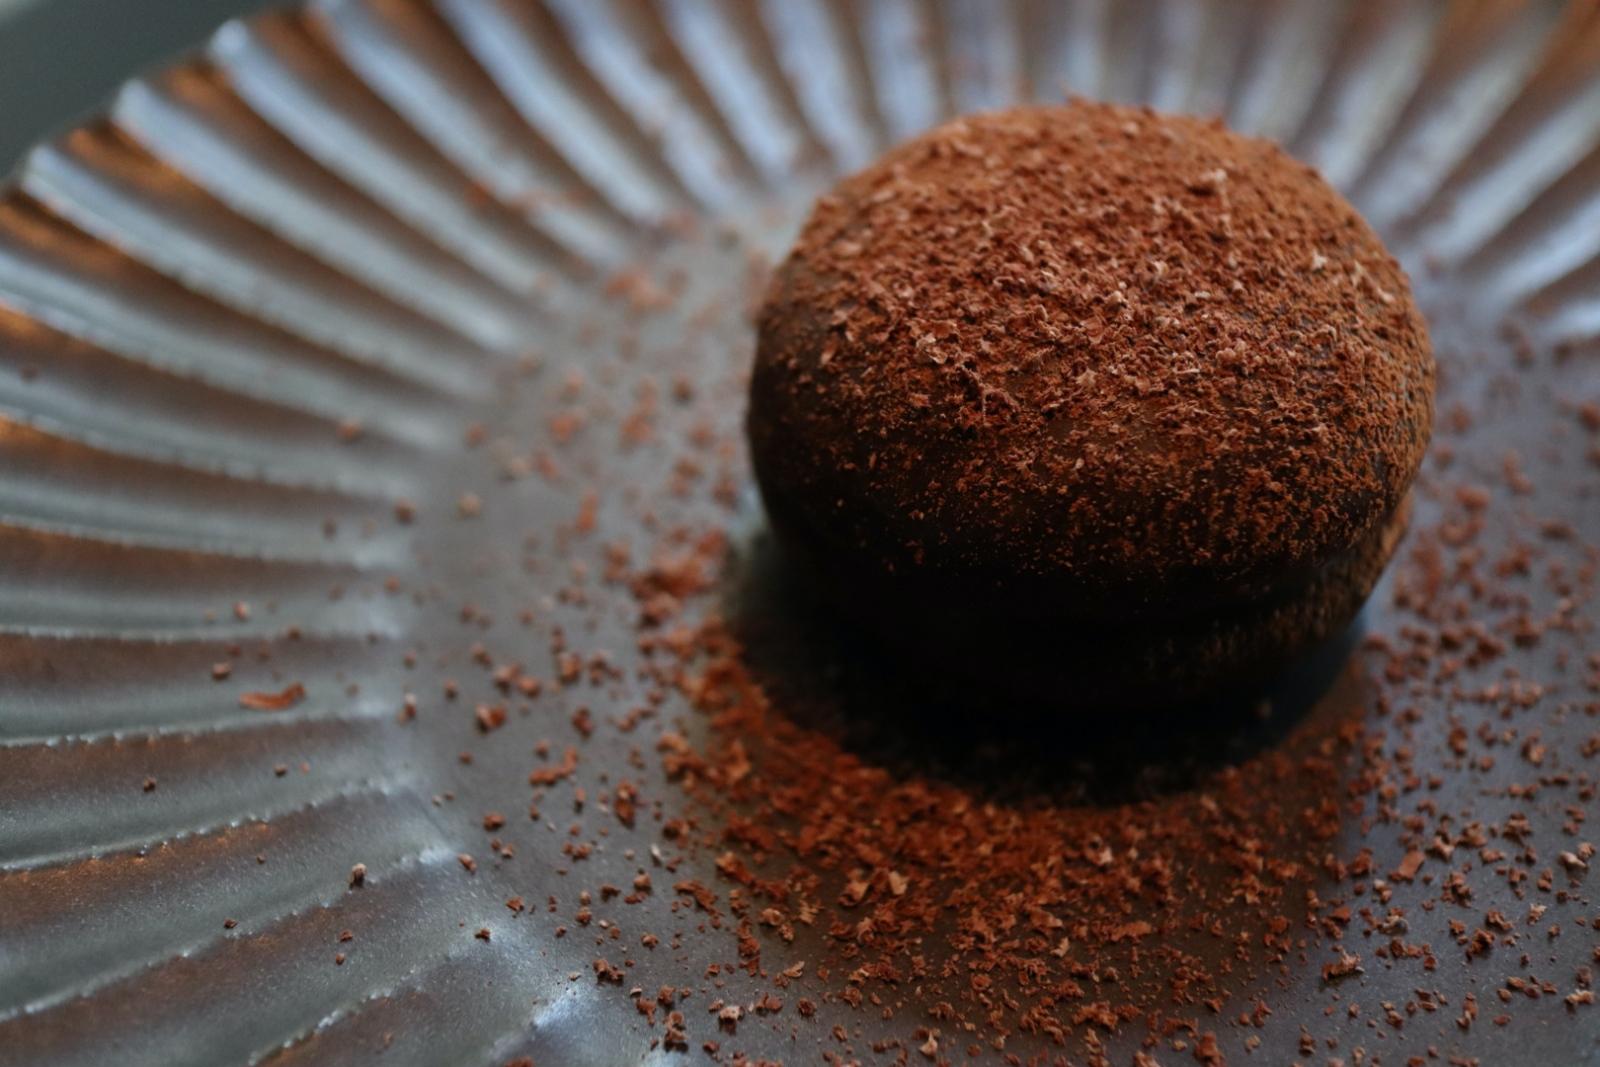 アジアベストショコラティエ眞砂翔平が提案するチョコレートの新しい価値